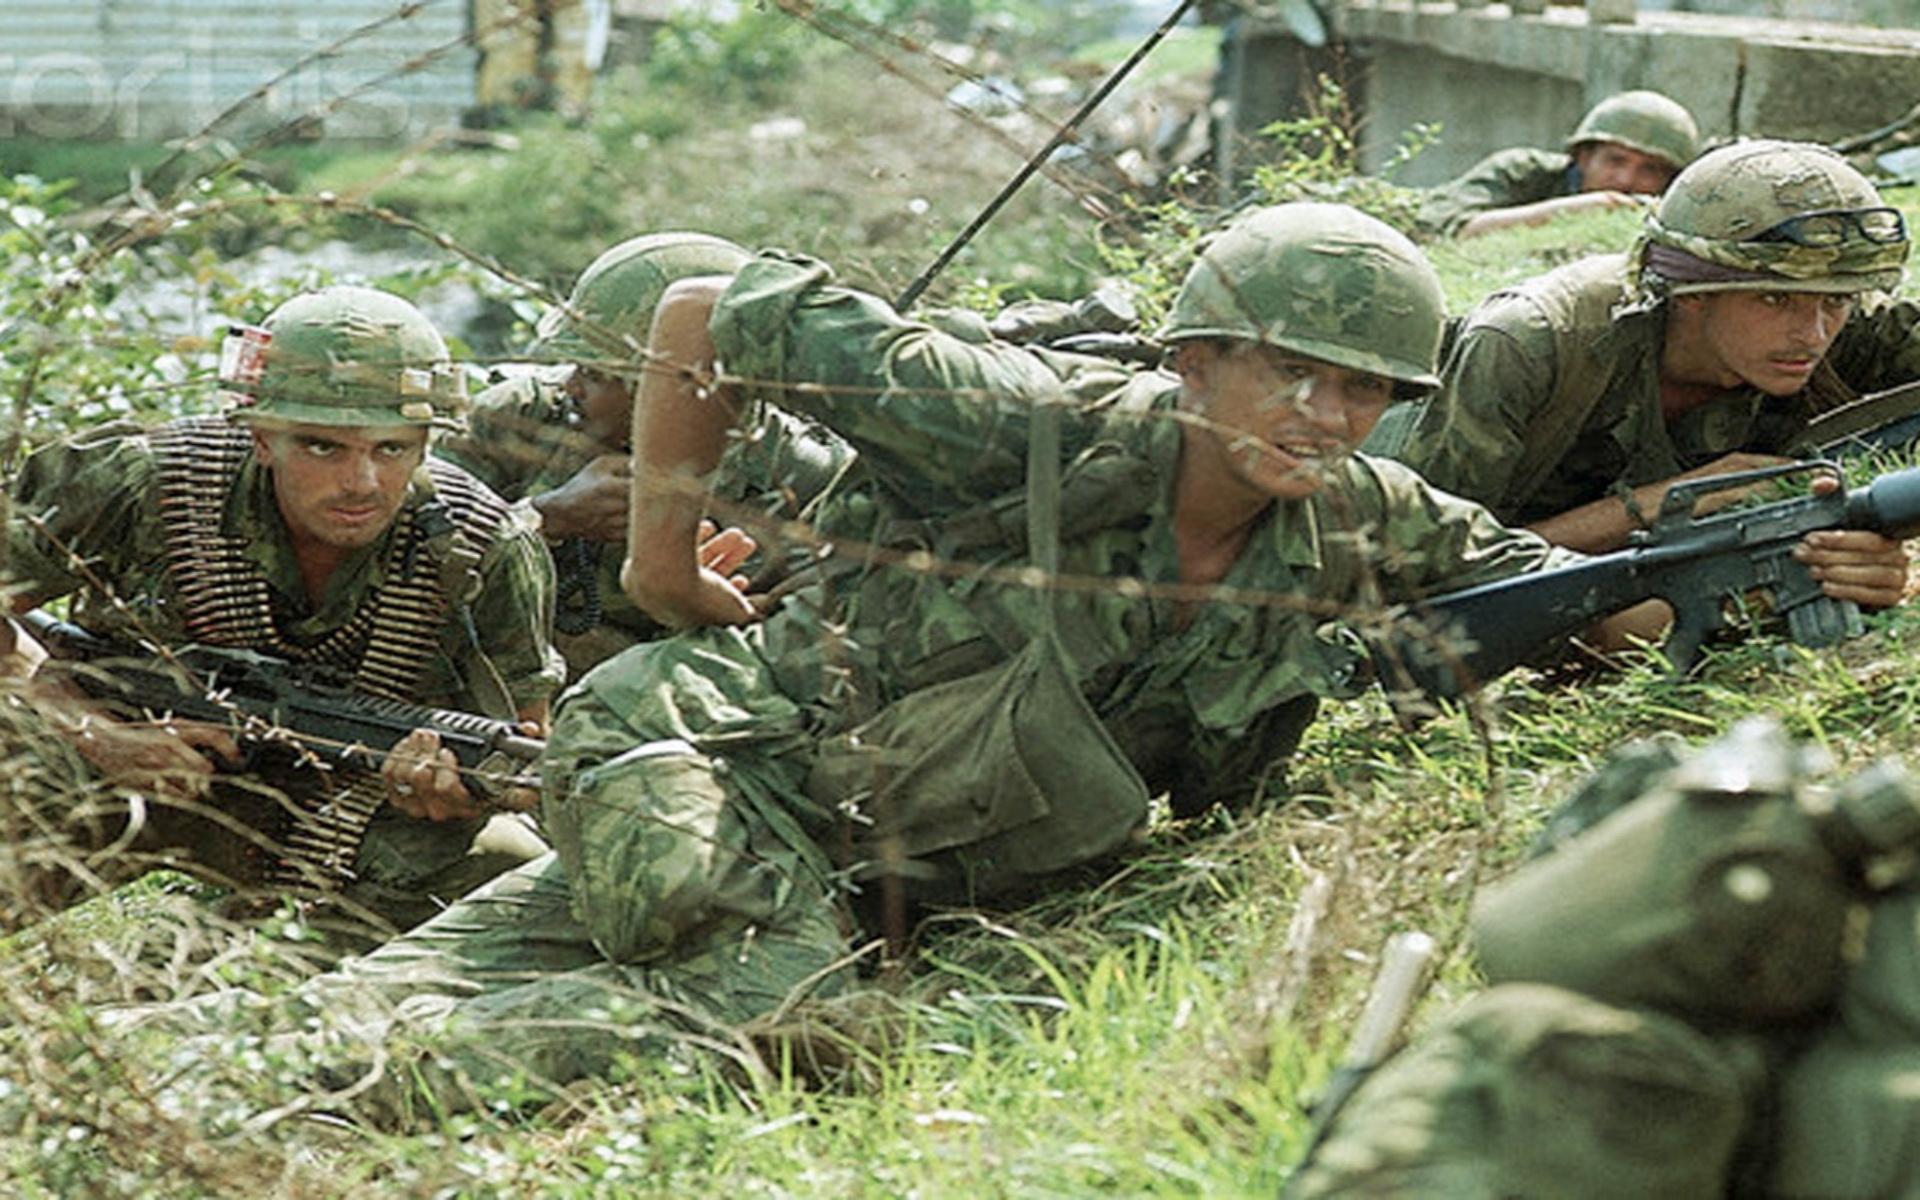 Vietnam War Wallpaper 33jpg 1920x1200